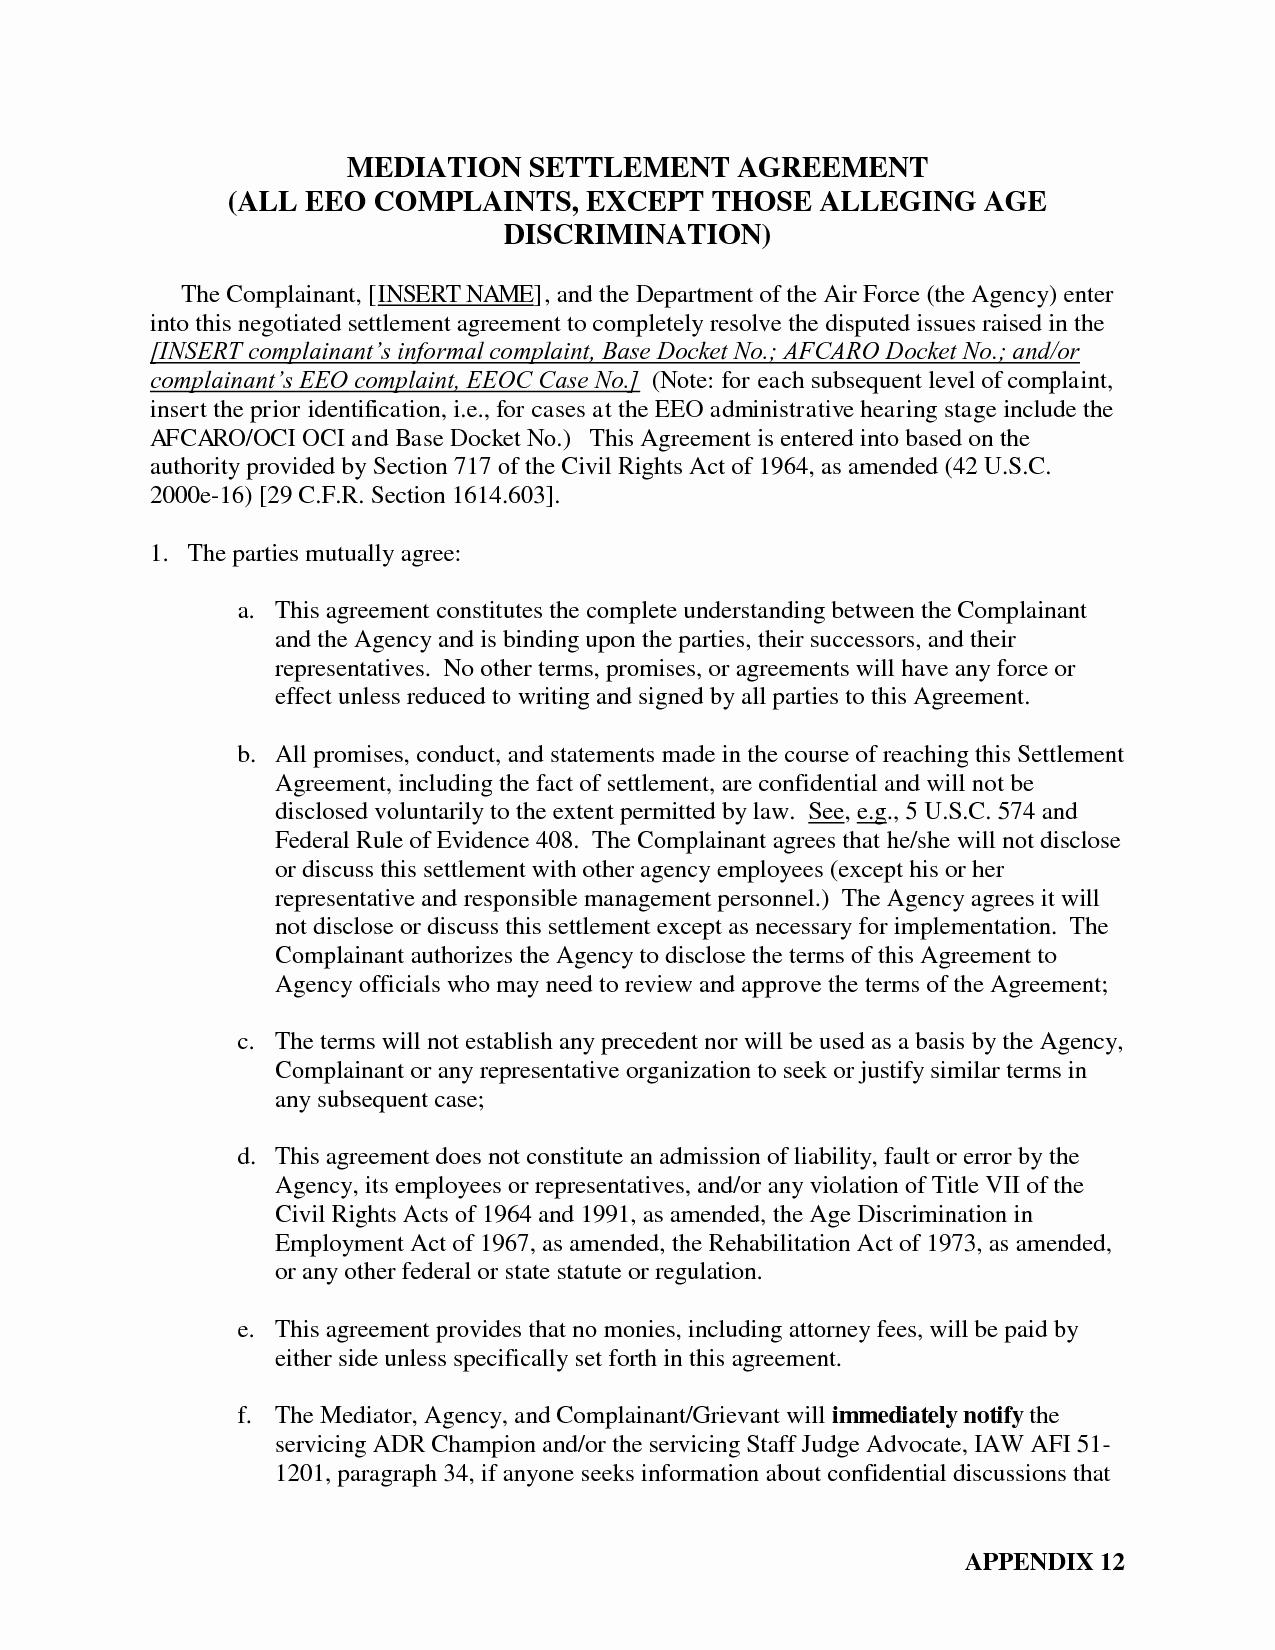 Car Accident Settlement Agreement form Fresh Sample Mediation Settlement Agreement the Best